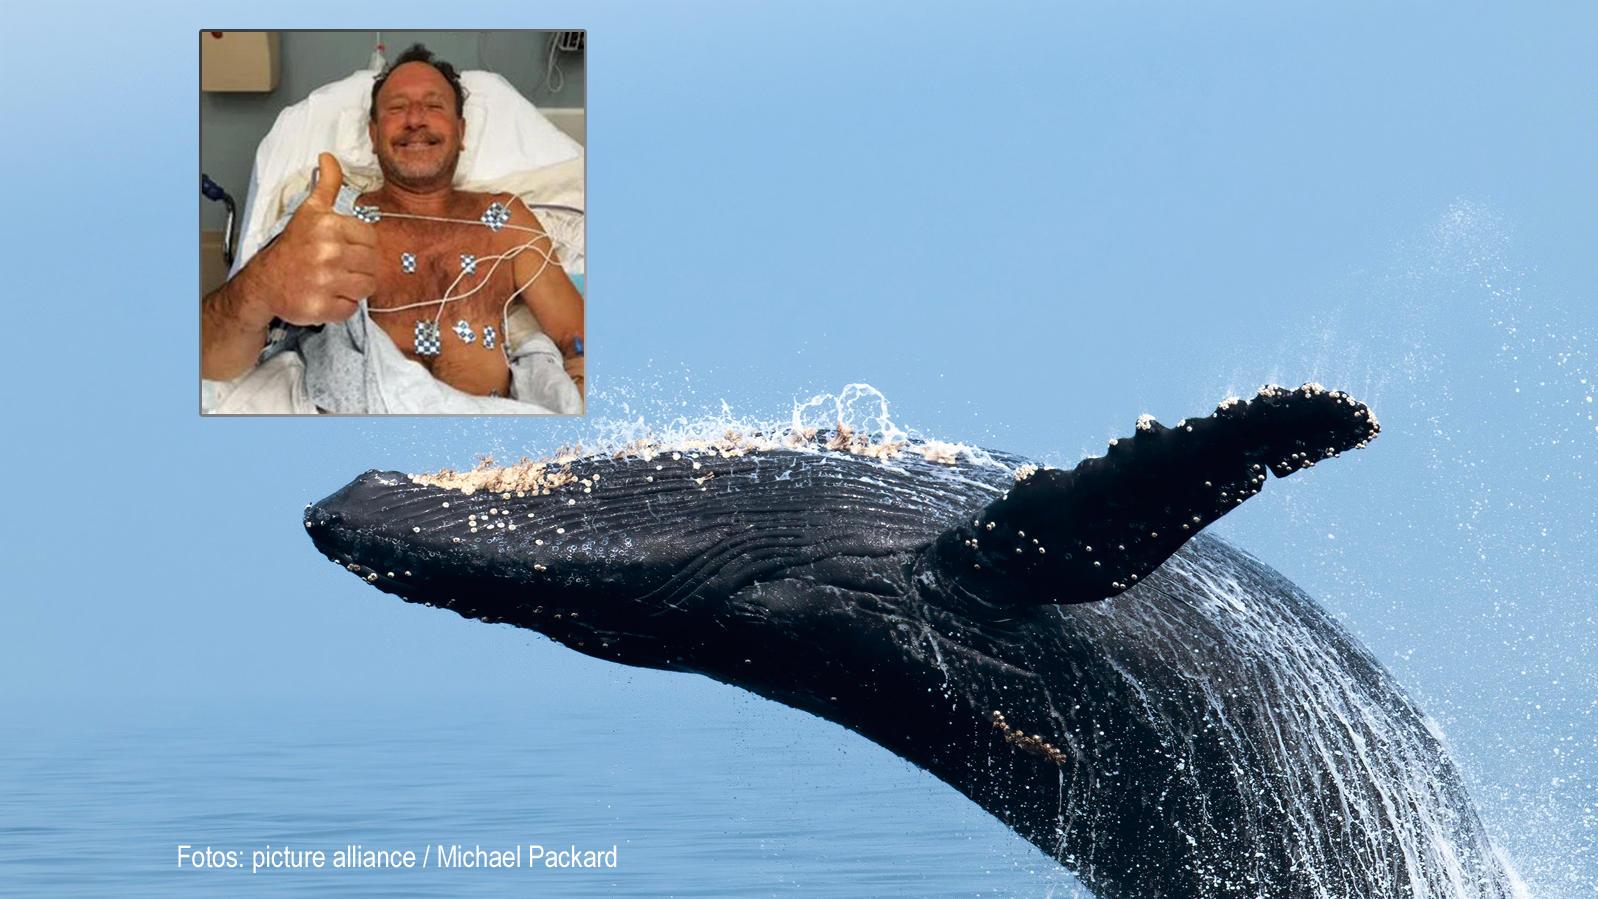 Unglaublicher Vorfall in USA: Buckelwal schluckt Fischer – und spuckt ihn wieder aus